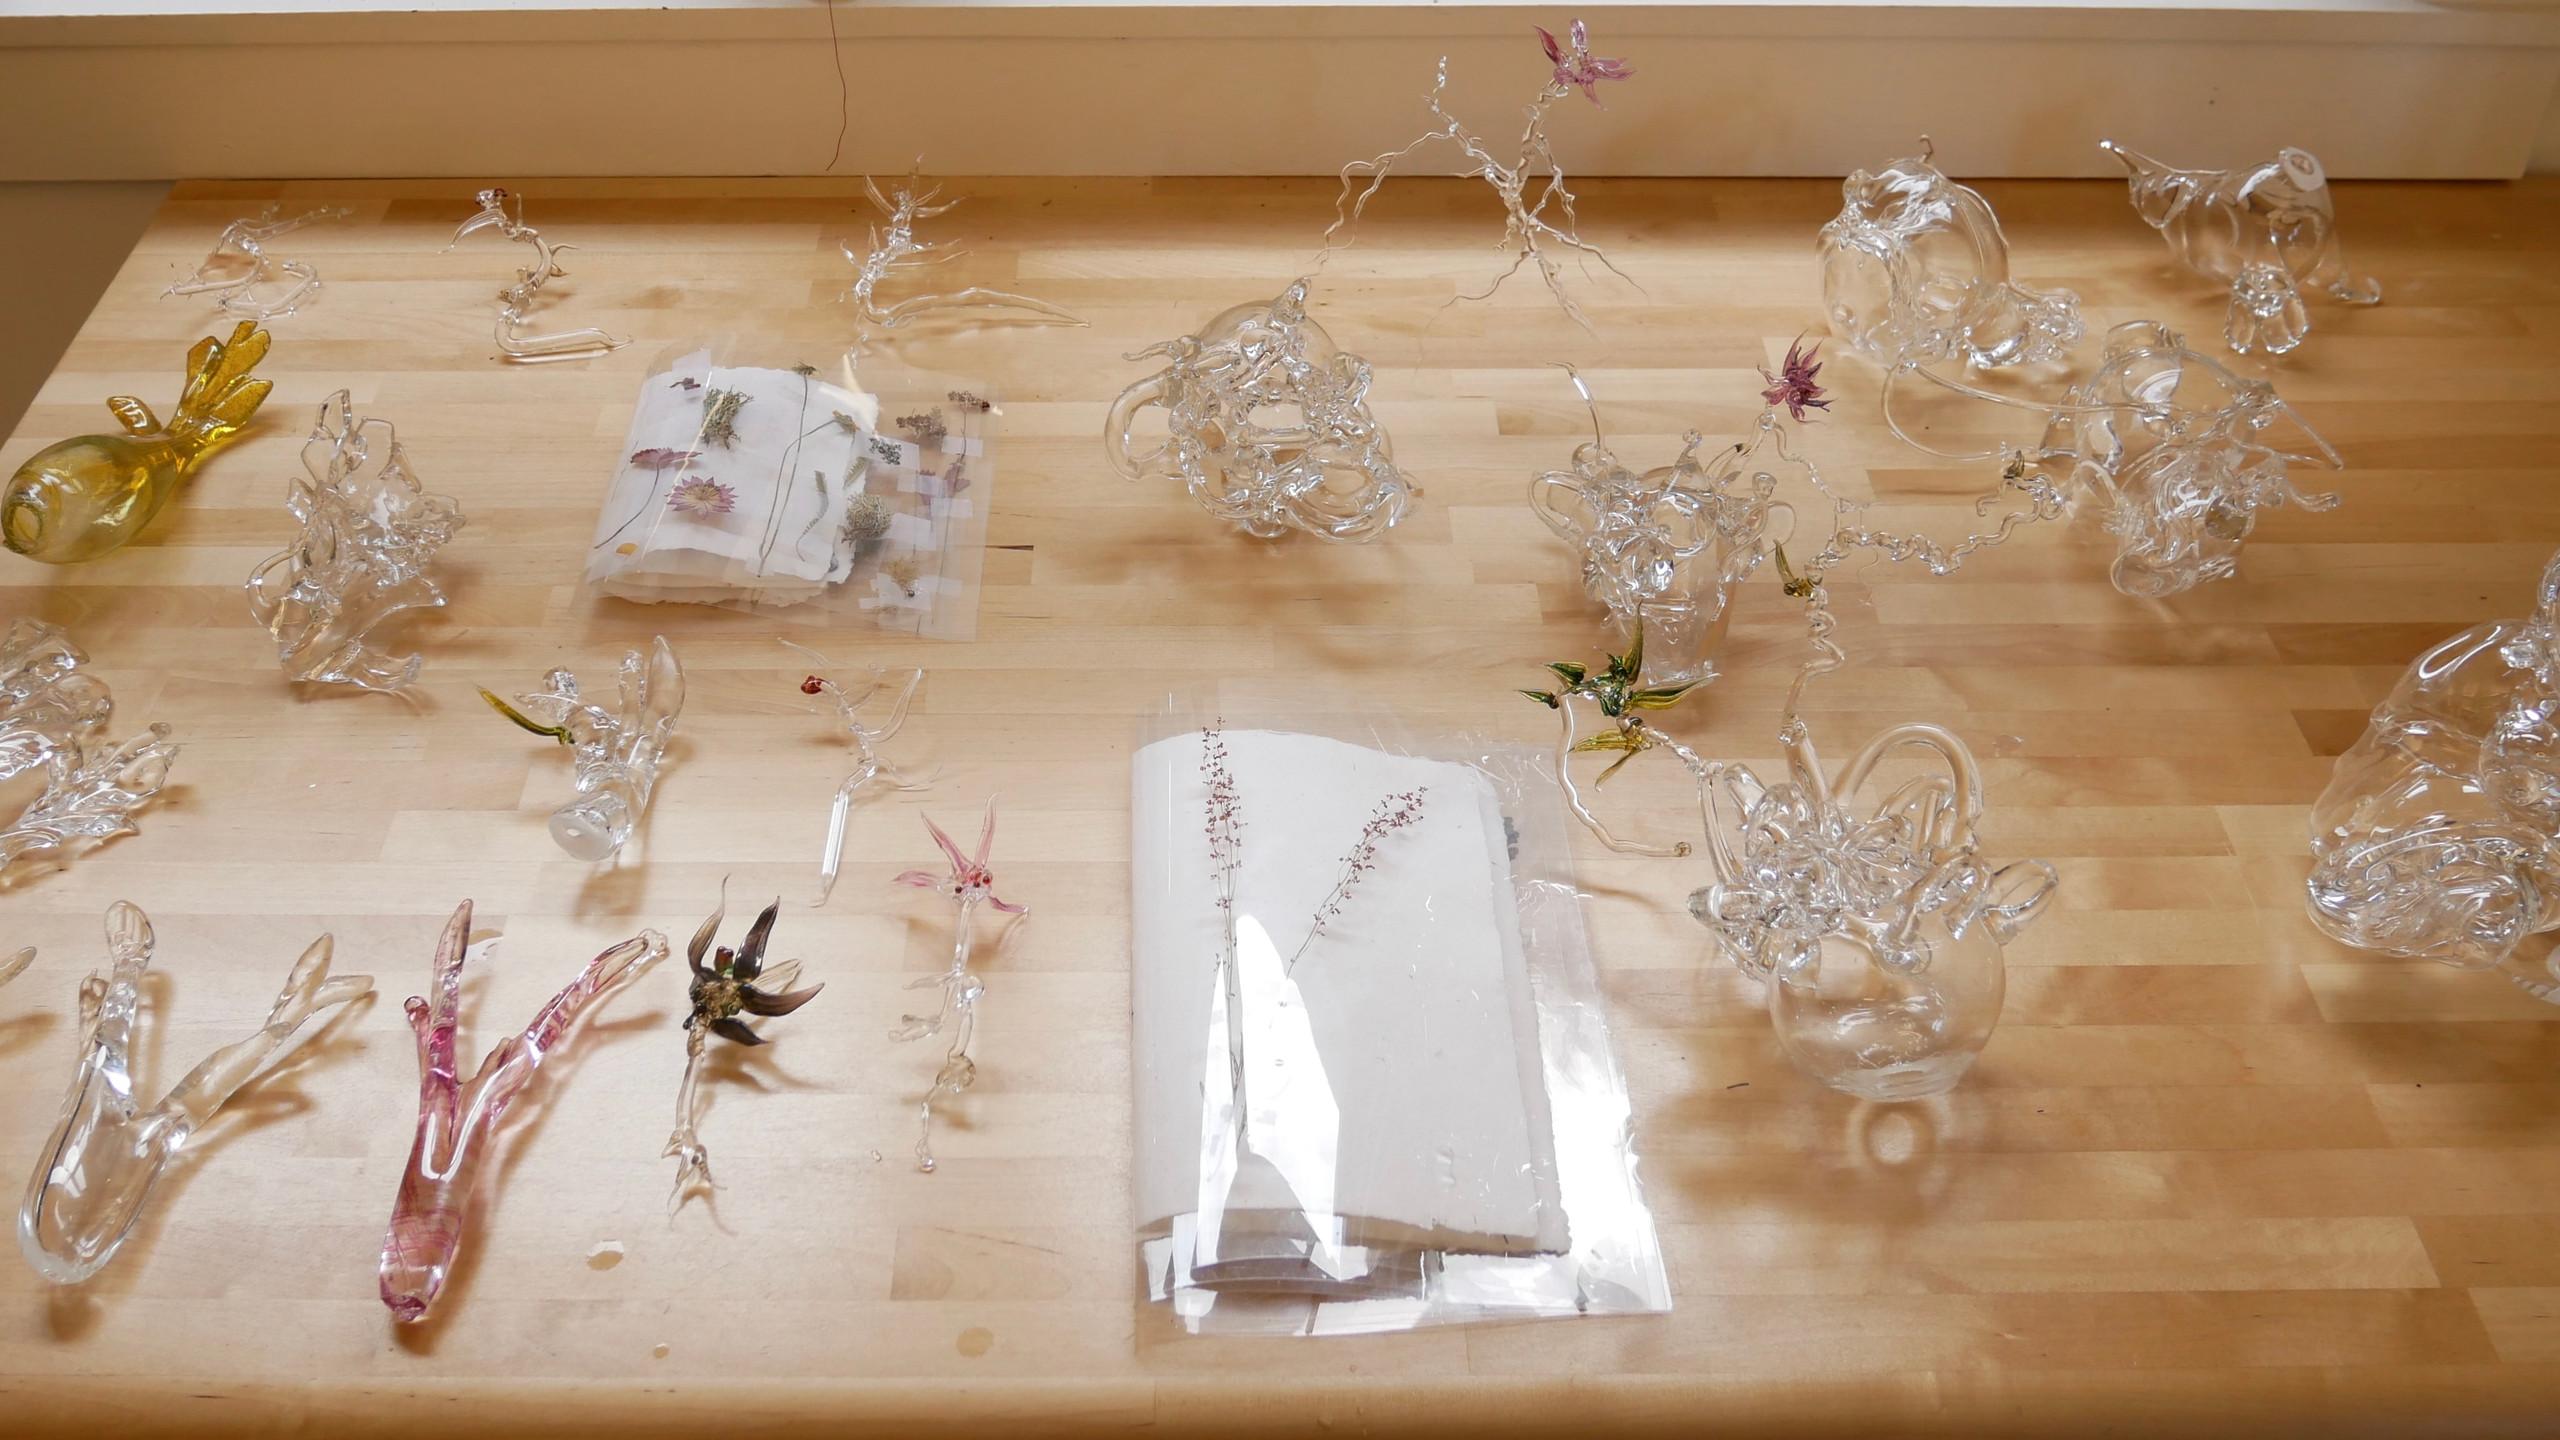 Glass Specimens